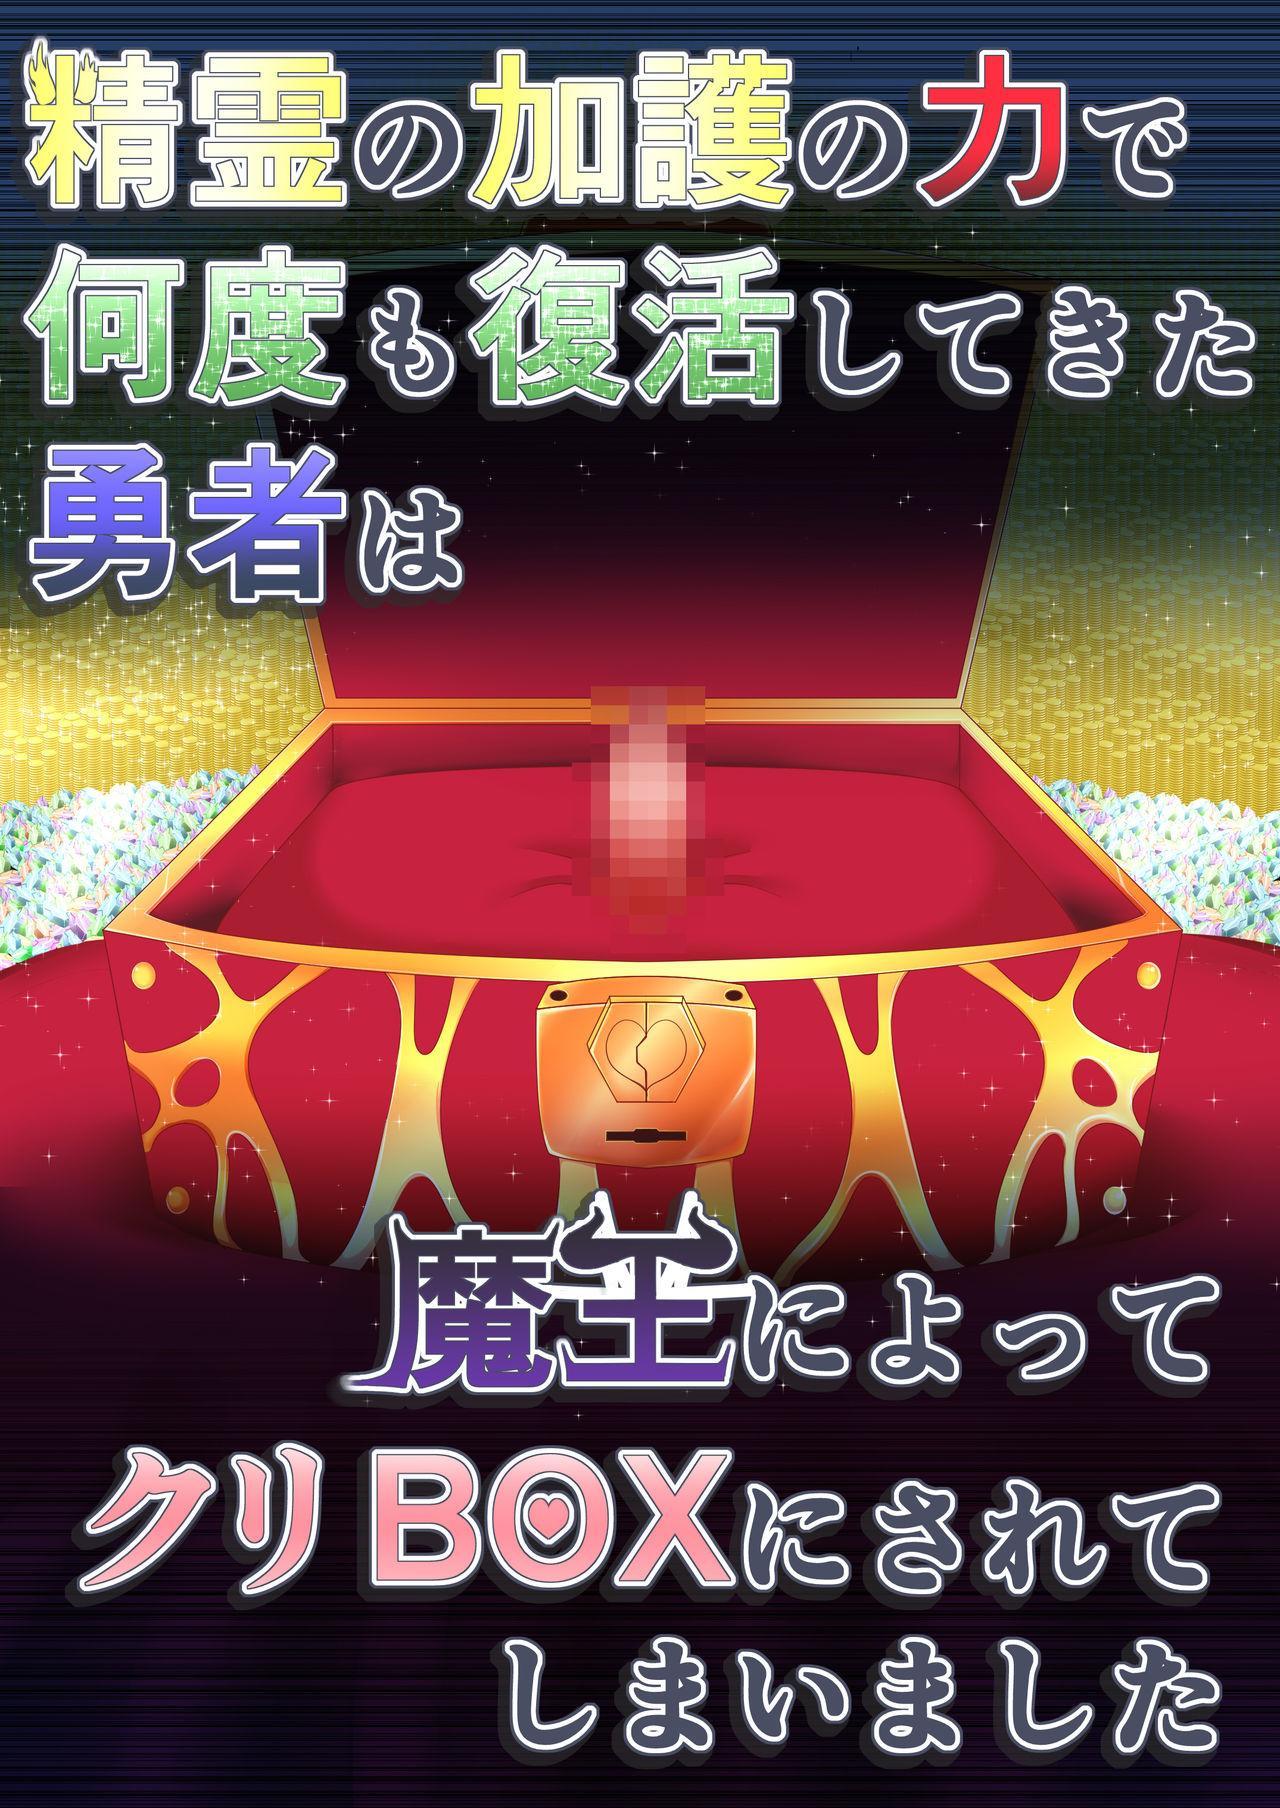 Seirei no Kago no Chikara de nan do mo Fukkatsu shite kita Yūsha wa Maō ni yotte KuriBOX ni sarete shi   The Hero who resurrected many times with the power of the Spirit's Blessing is made into a CLITBOX by the Demon King 23